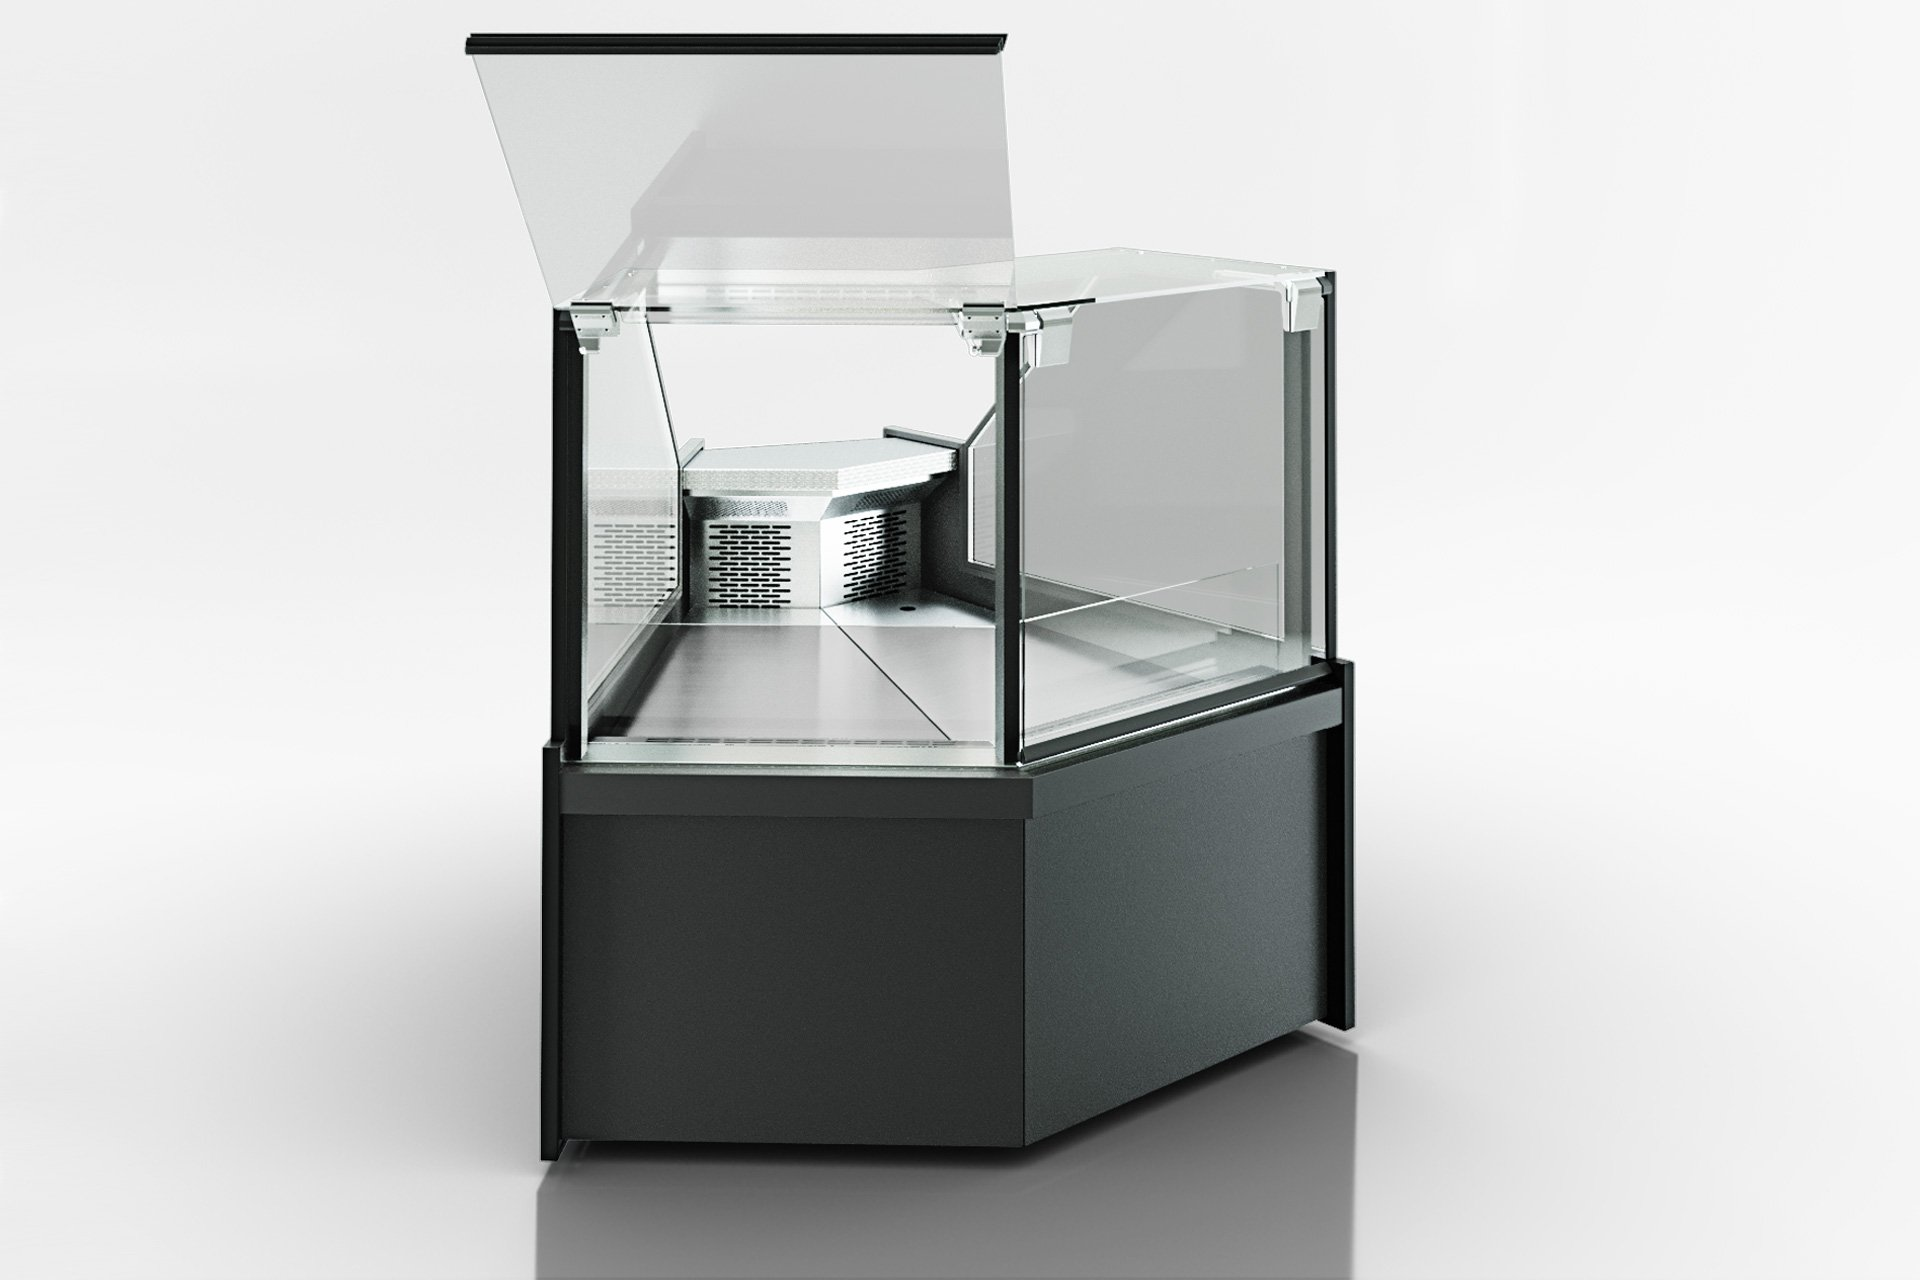 Eckelemente der Kühlfenstern Missouri MC 120 deli PS 130-DLM-ES45